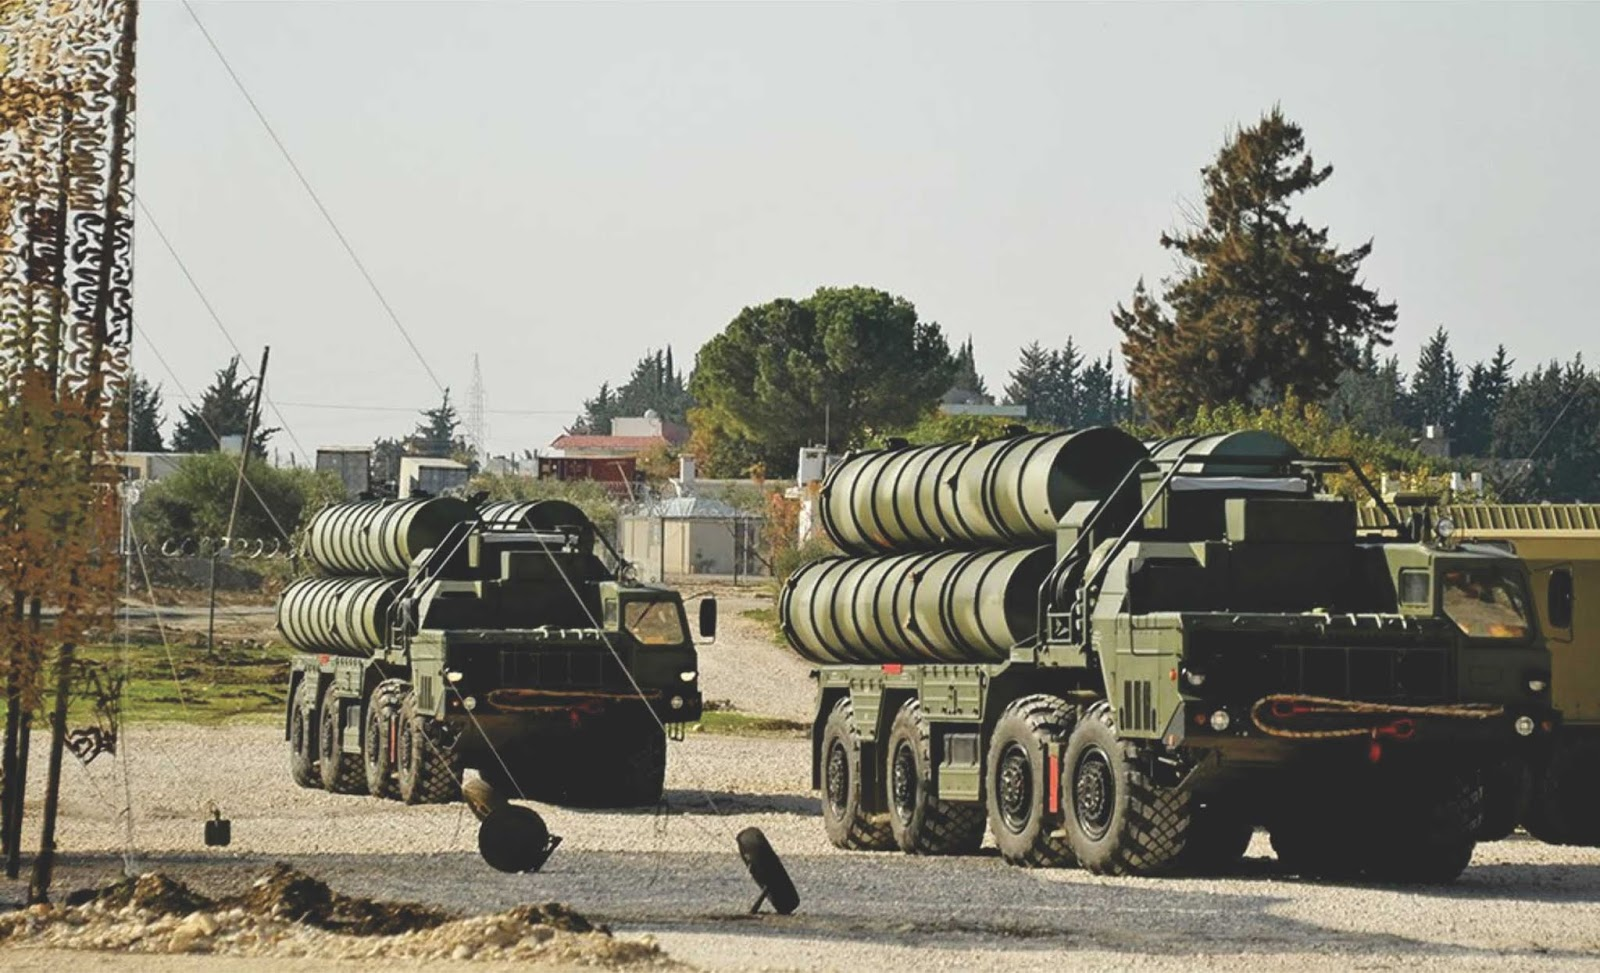 Operator satelit Israel mengklaim telah memotret S-300 di Suriah utara